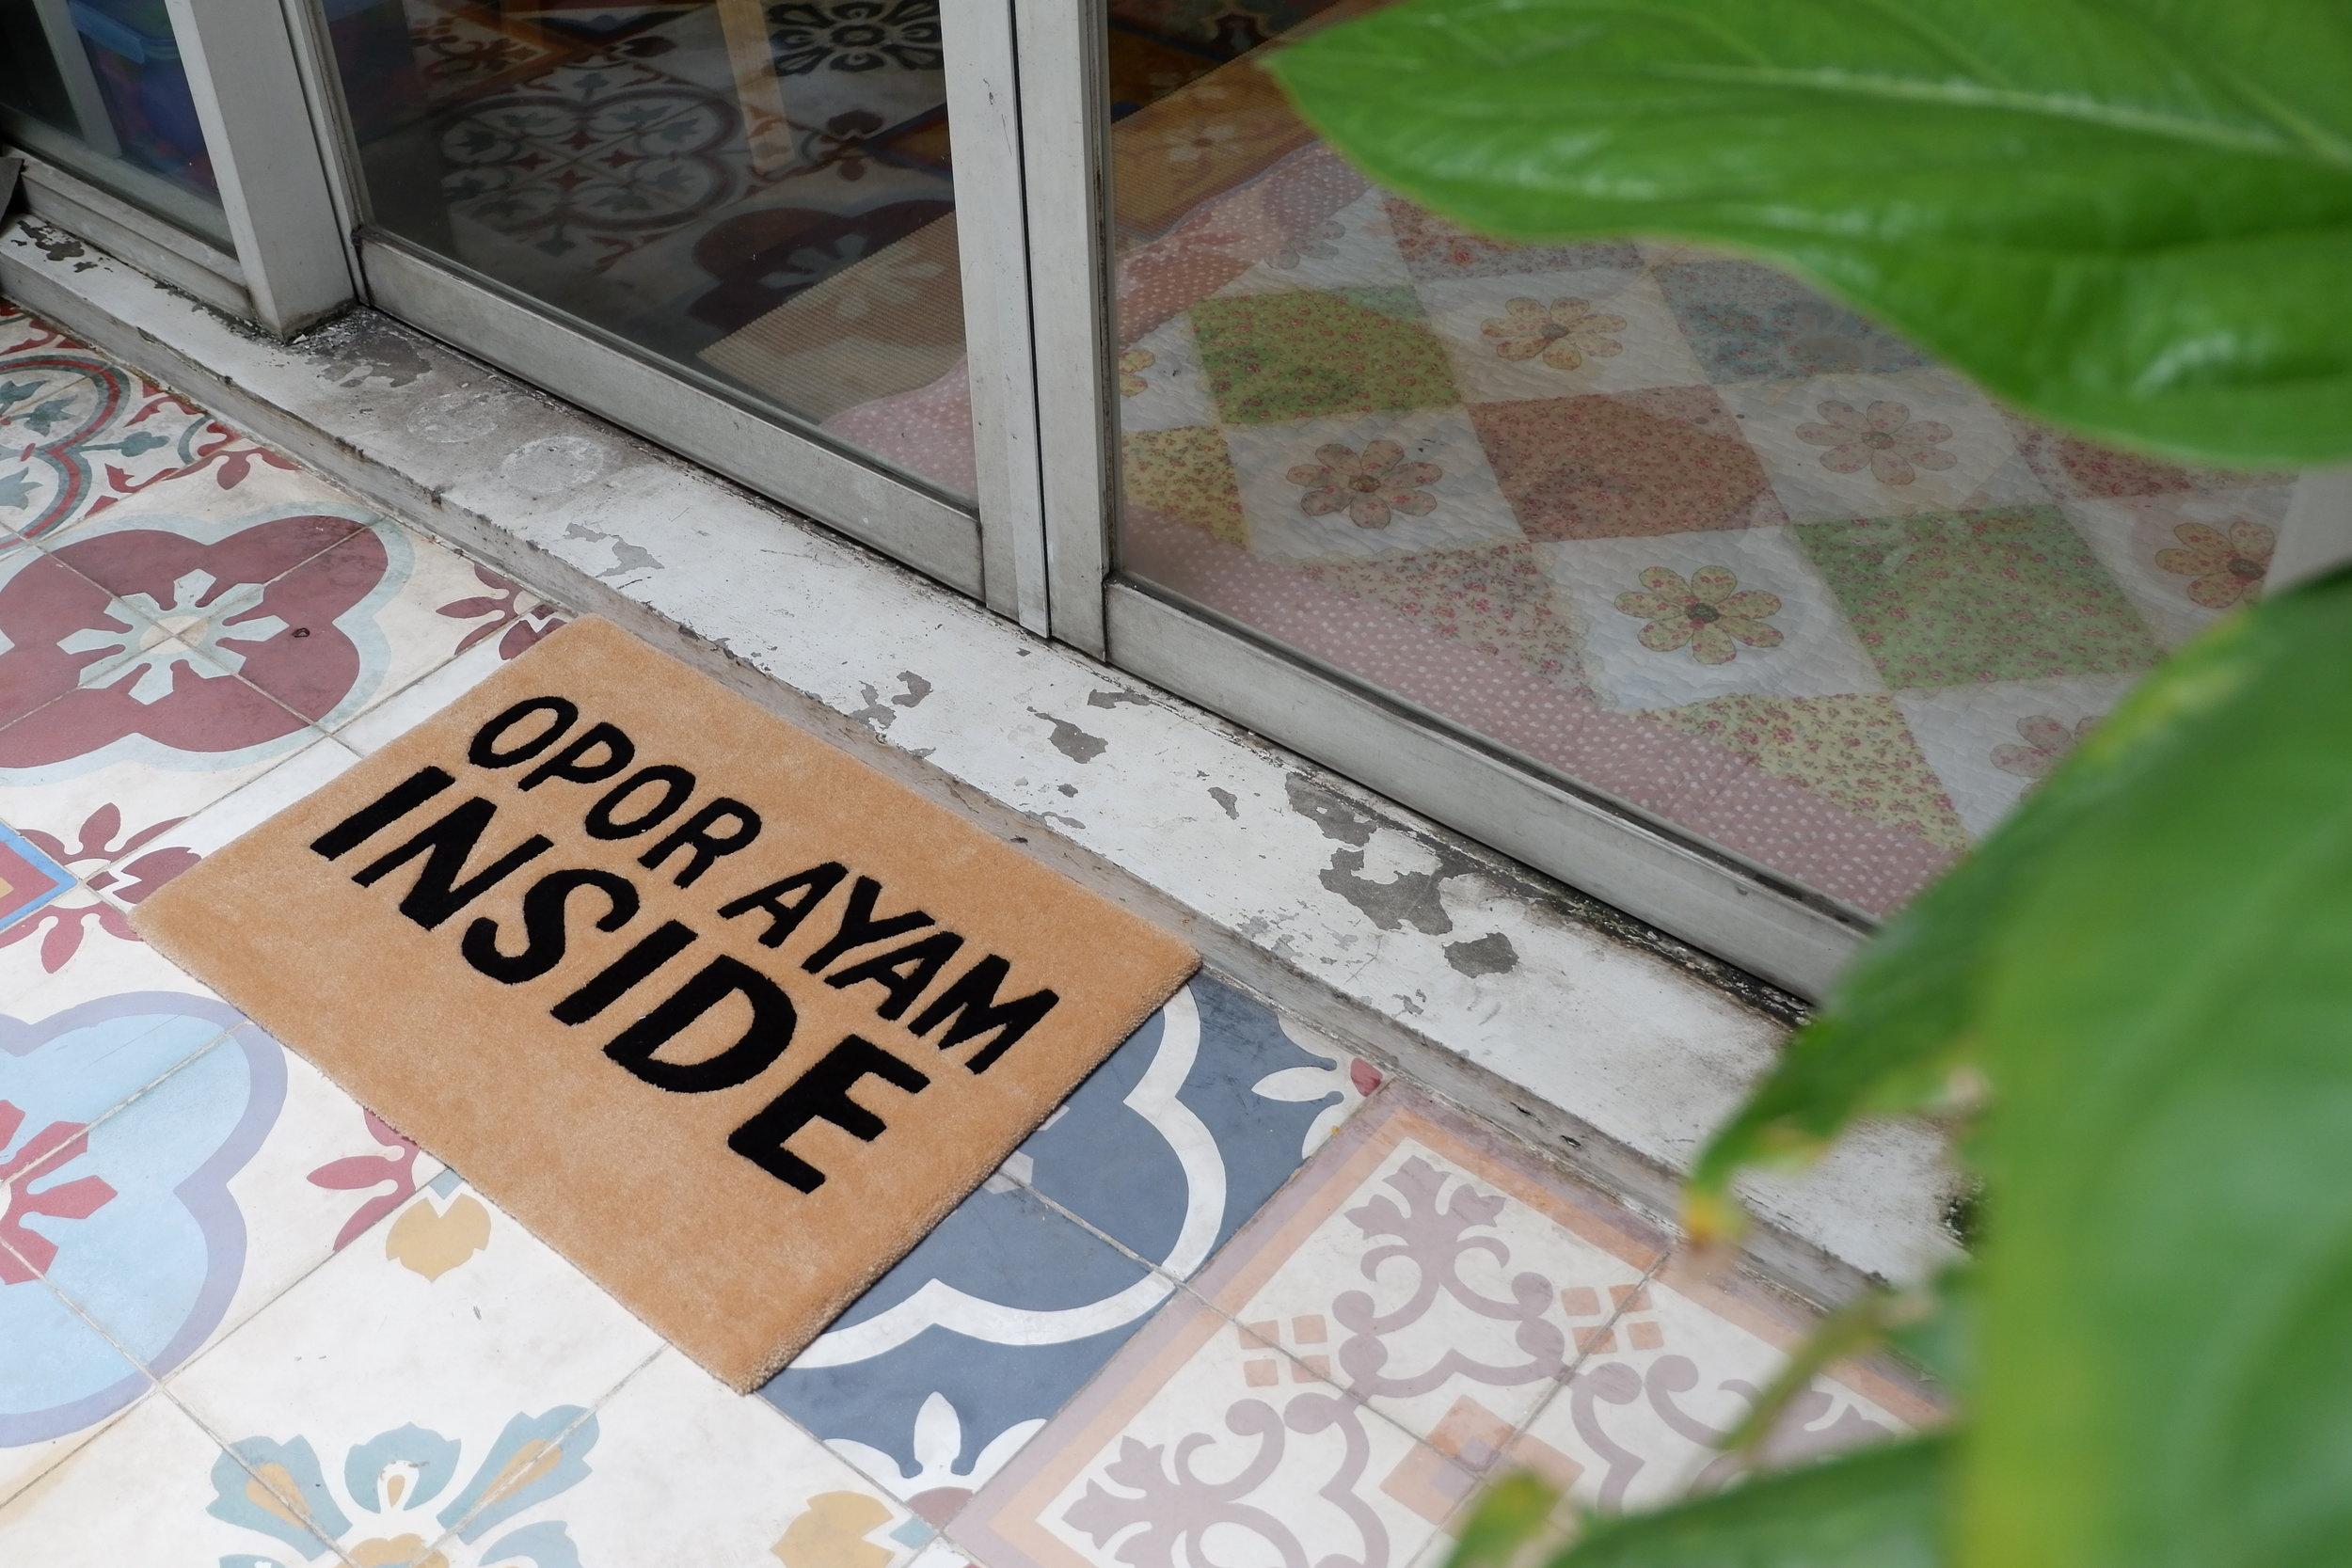 Mini rug RAYYA Collection juga bisa ditempatkan di area inner courtyard rumahmu, lho.